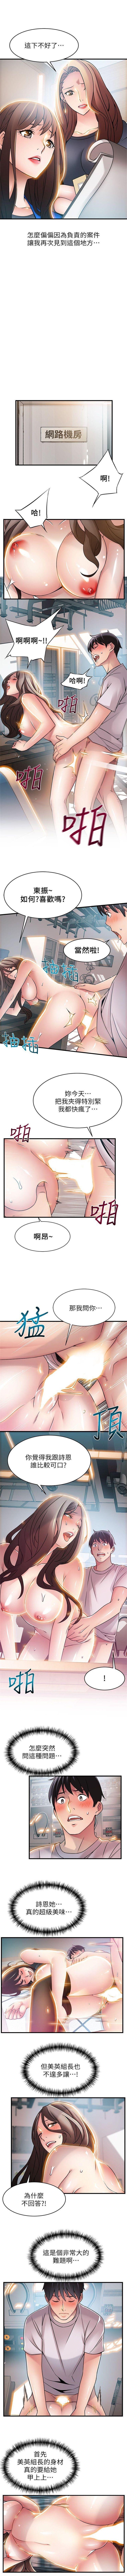 (週7)弱點 1-76 中文翻譯(更新中) 158